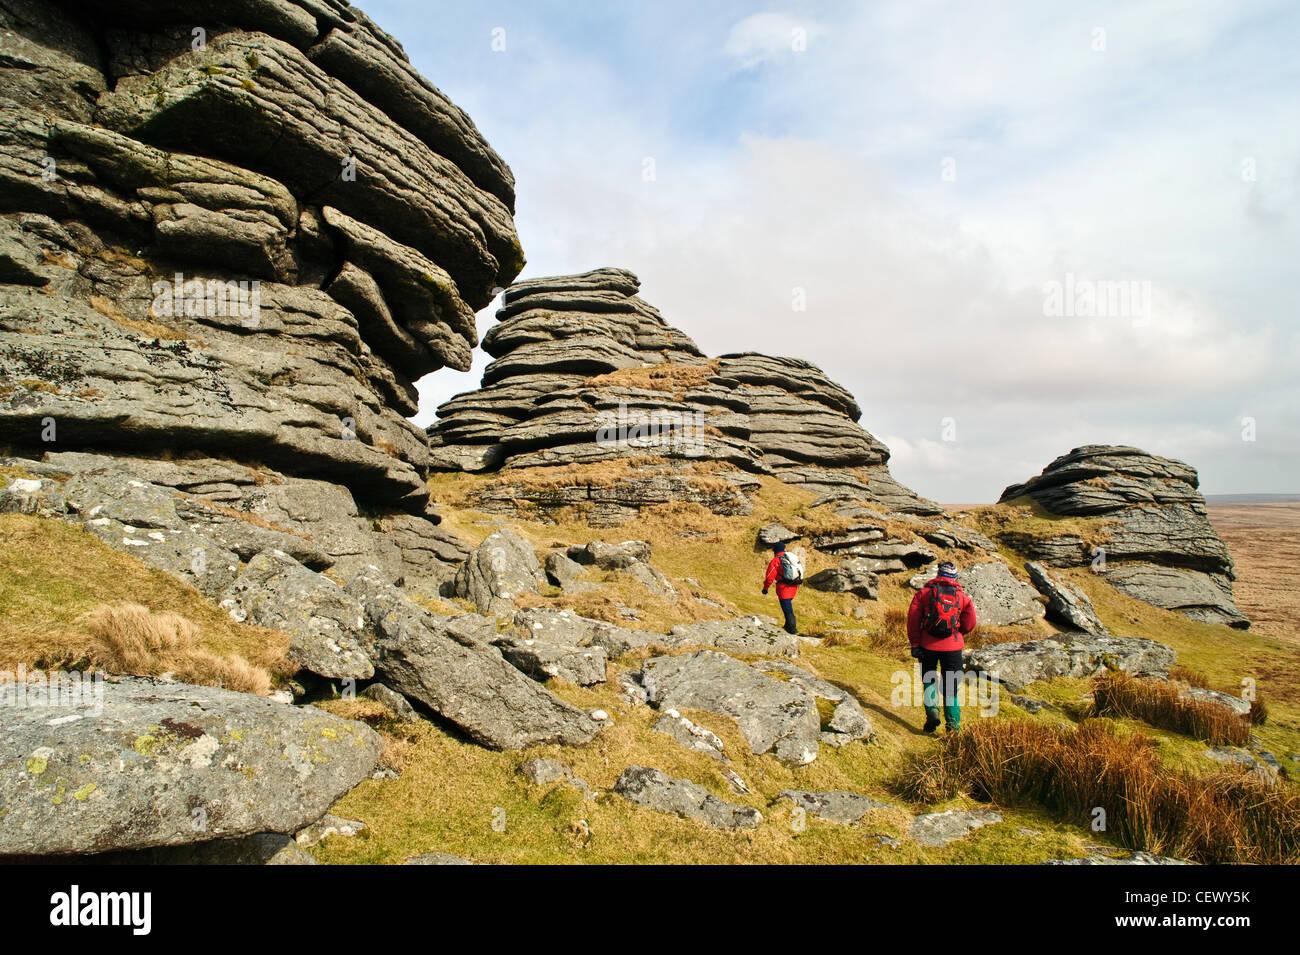 Walkers at Great Links Tor on Dartmoor, Devon - Stock Image